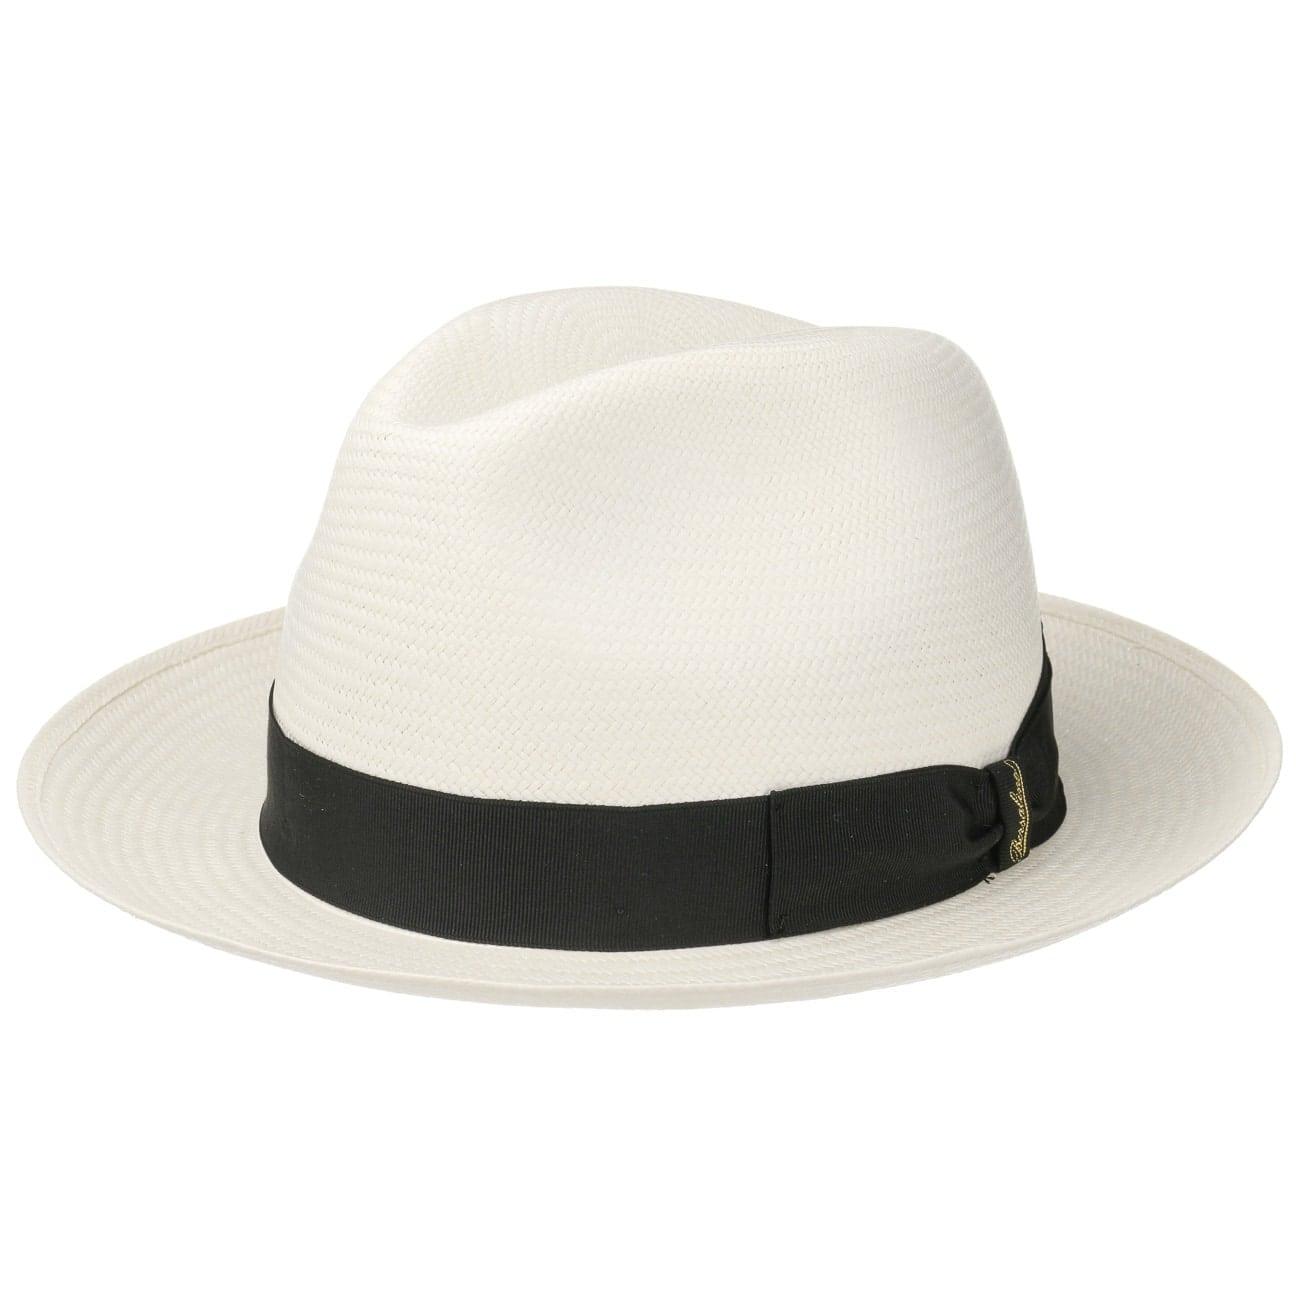 Chapeau Panama Black Small by Borsalino  Fedora